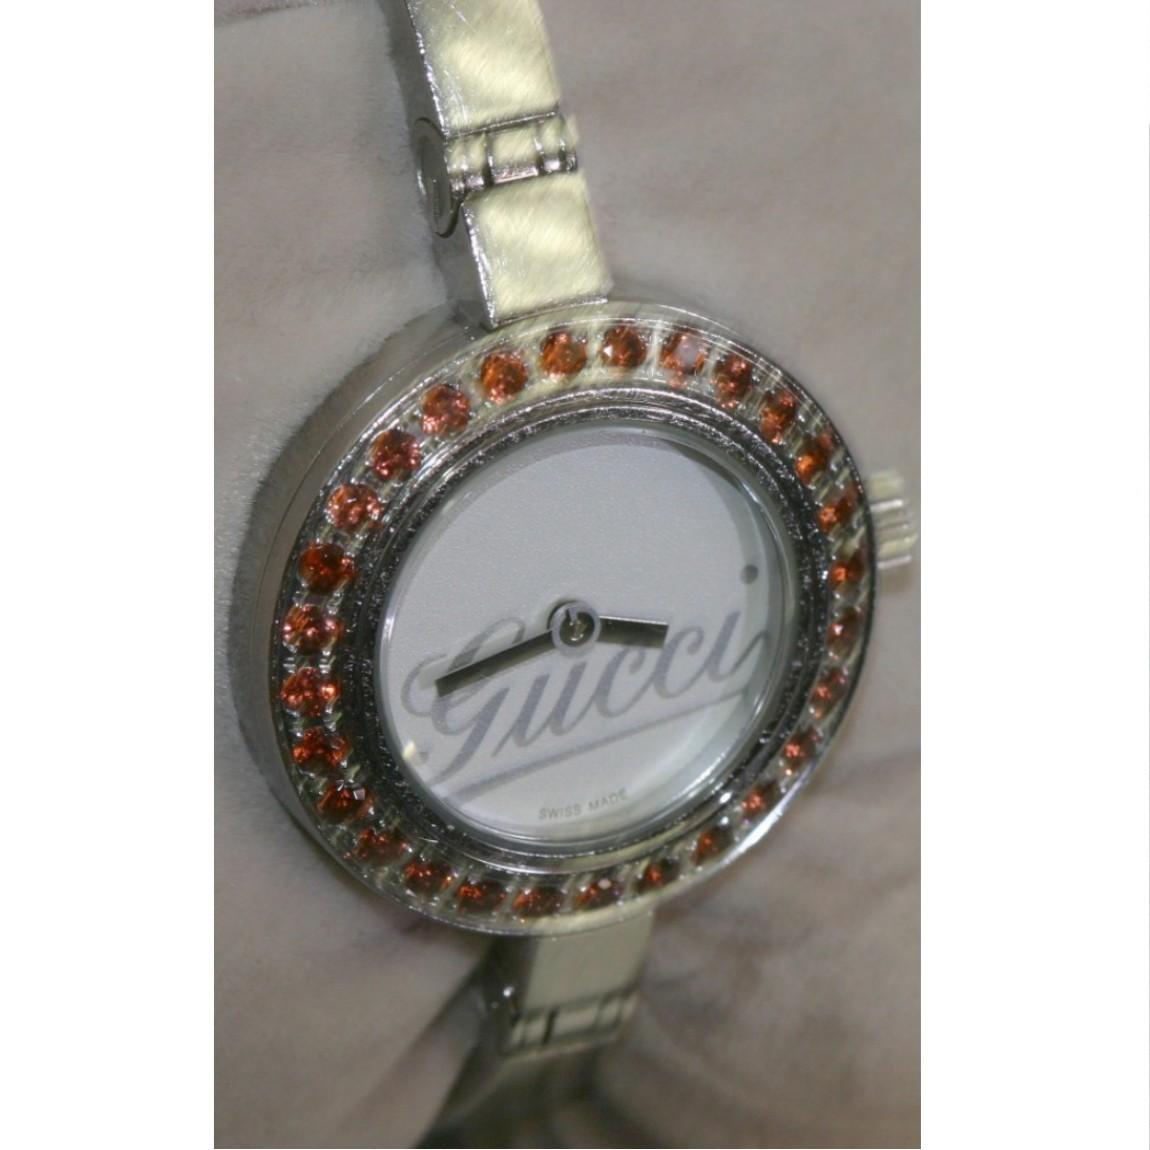 【中古】本物完動品グッチ女性用バングルタイプベゼルにガーネット使用可愛い時計105 1ヶ月保証付き ○A11-105